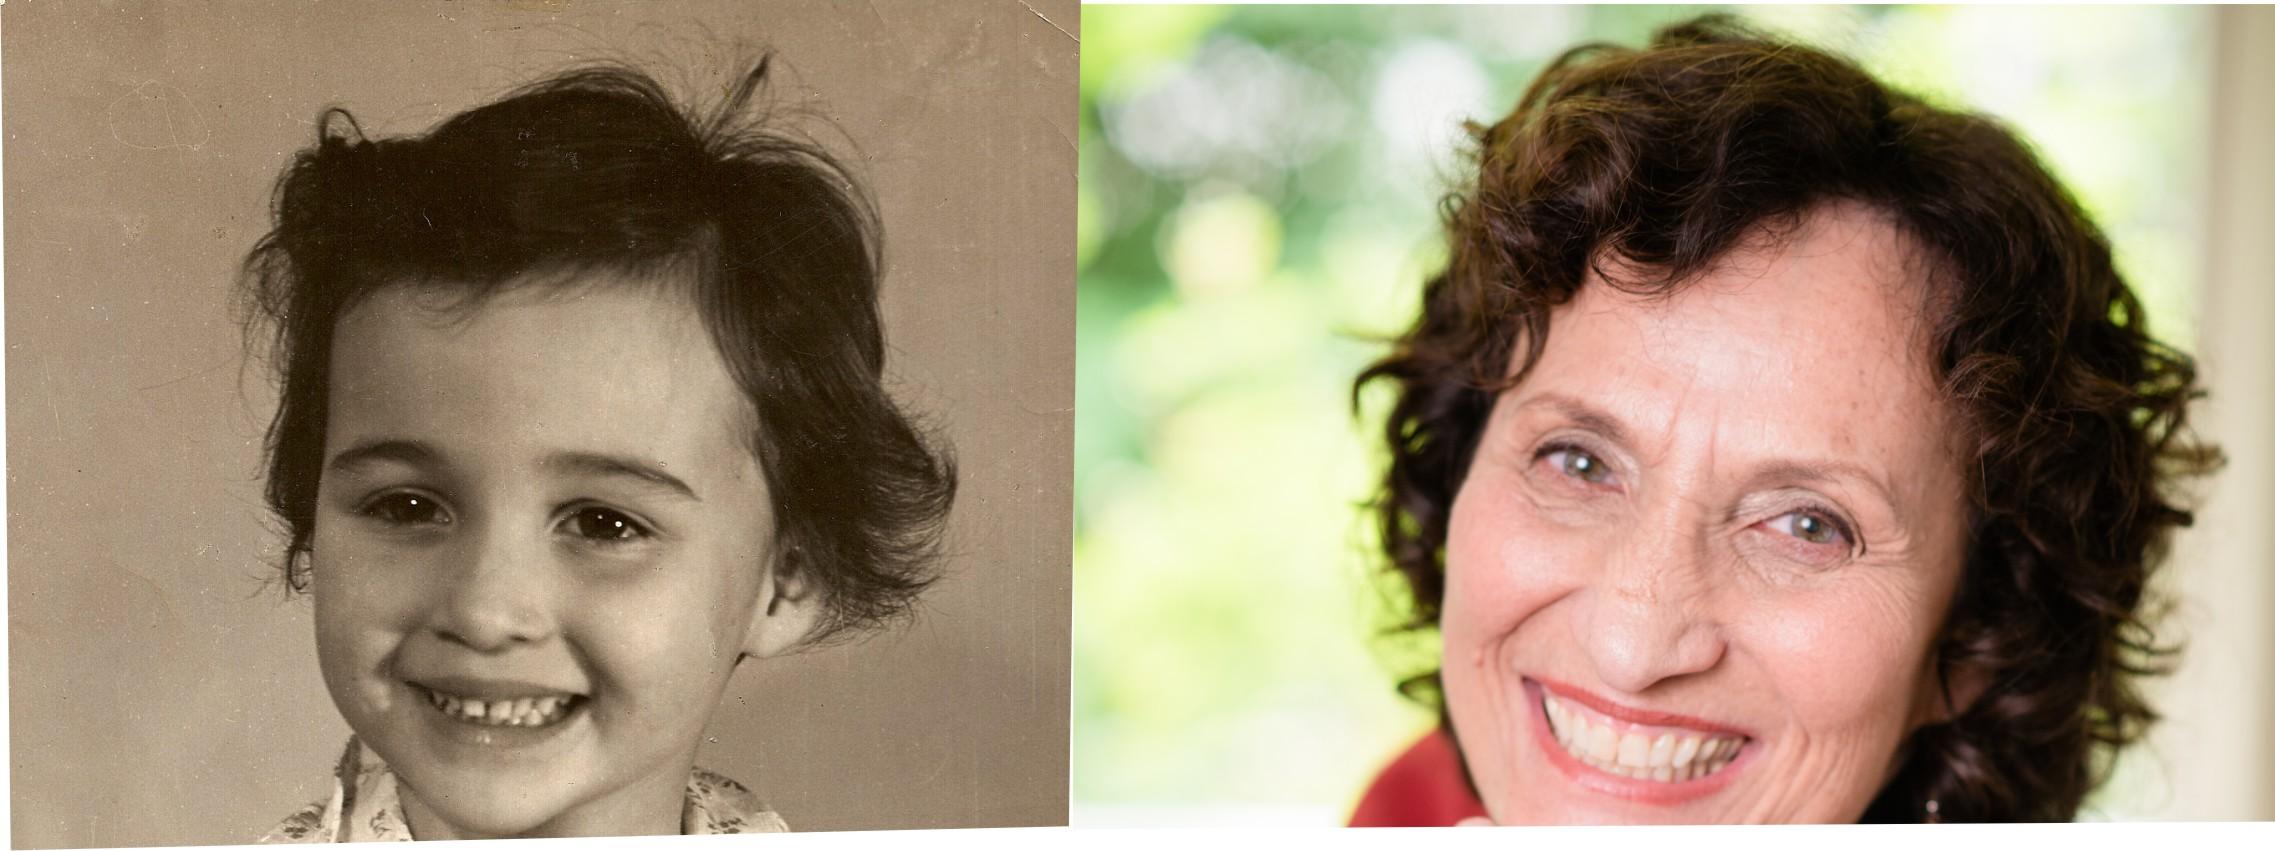 Vesanto-Me Now and Then